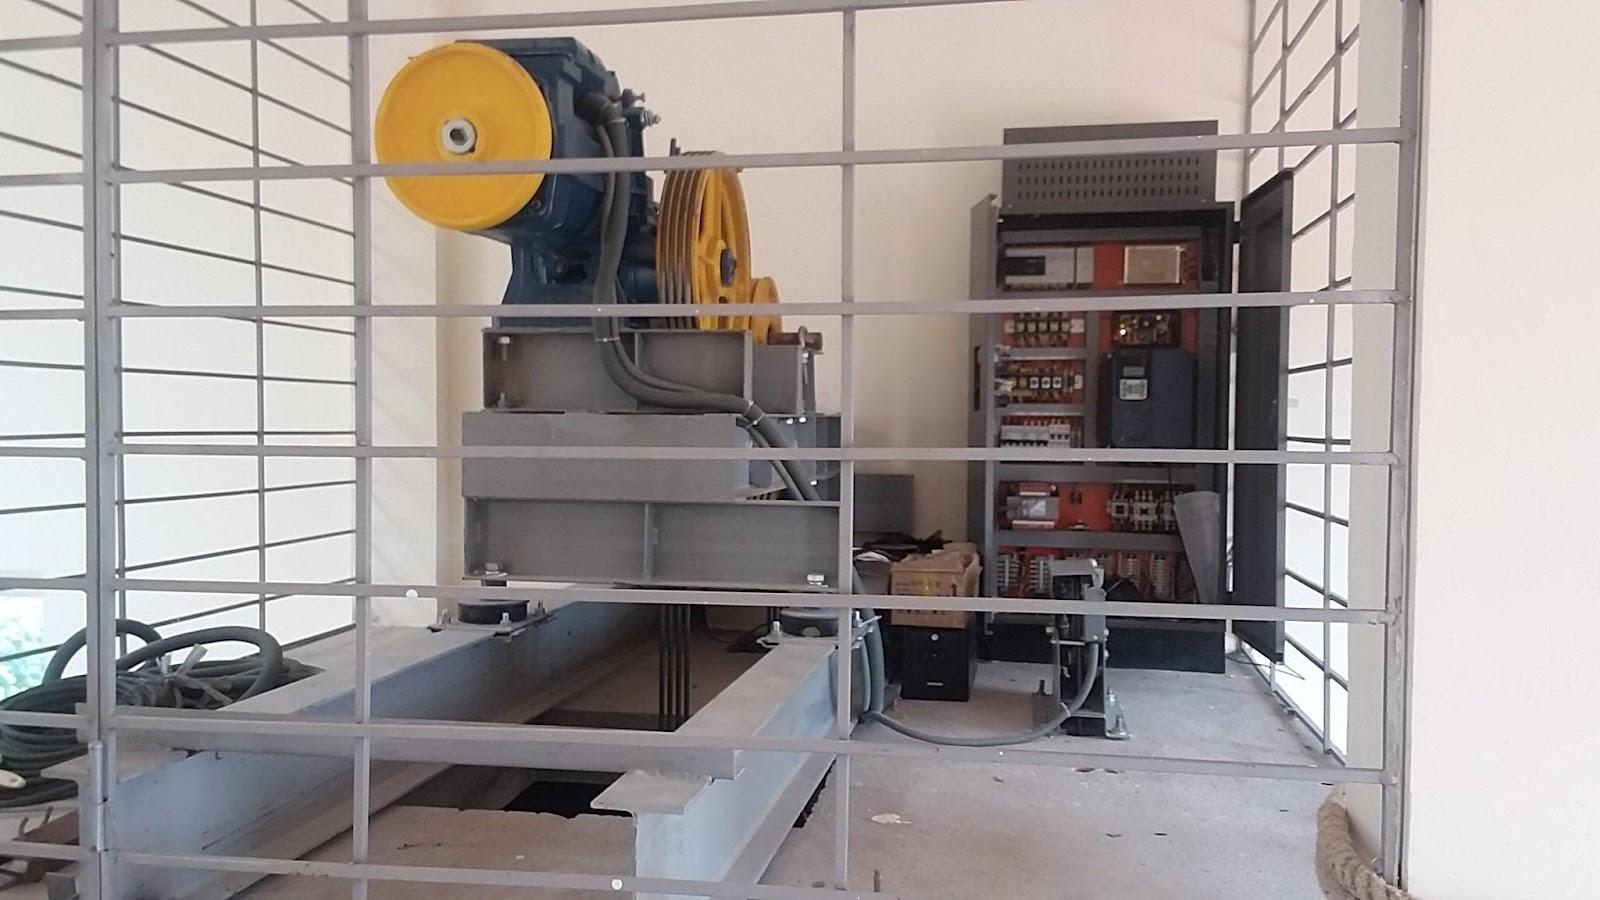 Máy kéo thang máy mitsubishi chất lượng hàng đầu